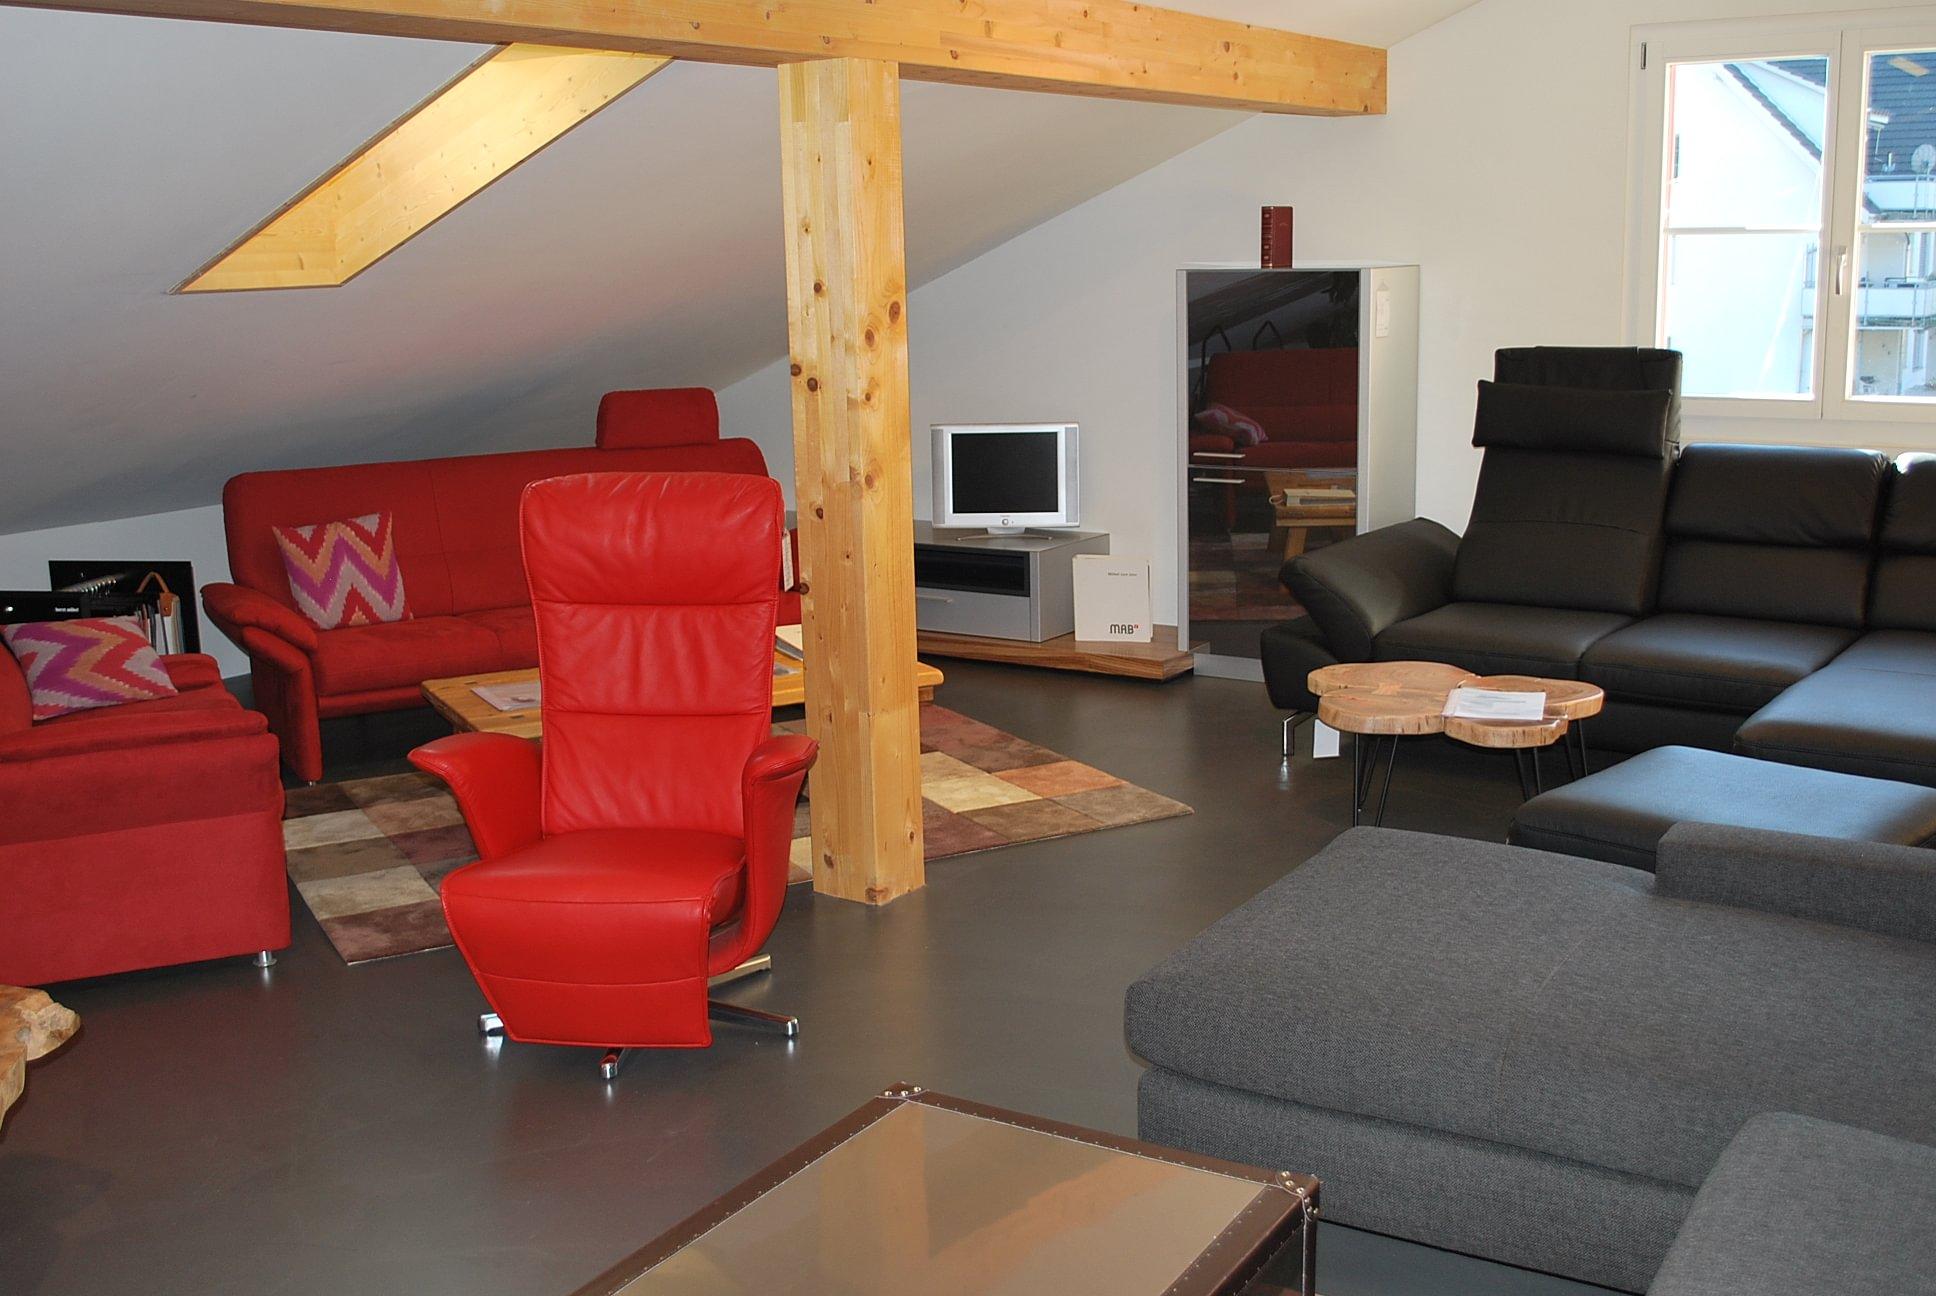 Bilgeri Möbel Ag In Kloten Adresse öffnungszeiten Auf Localch